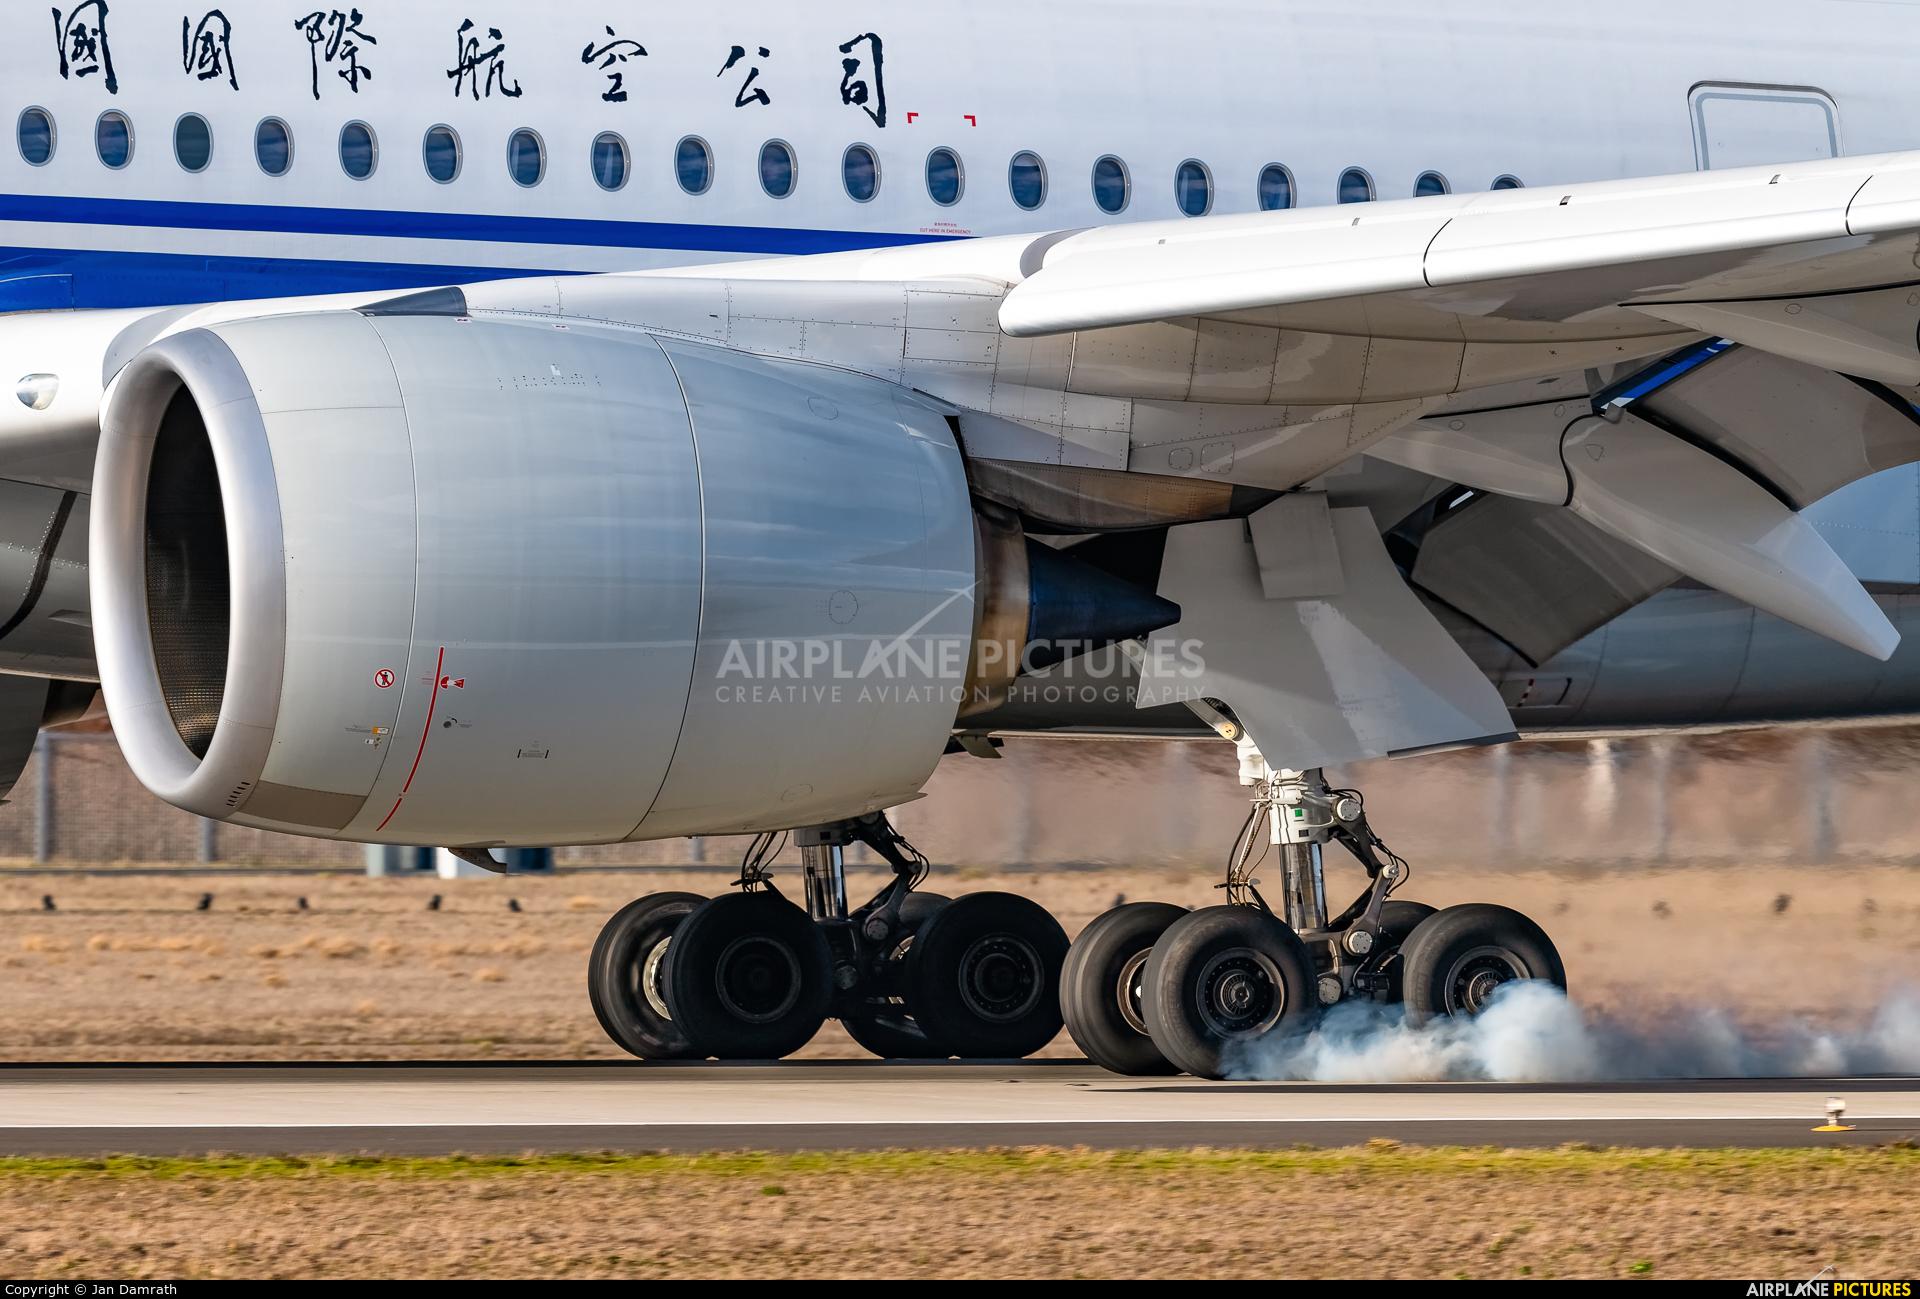 Air China B-1082 aircraft at Frankfurt